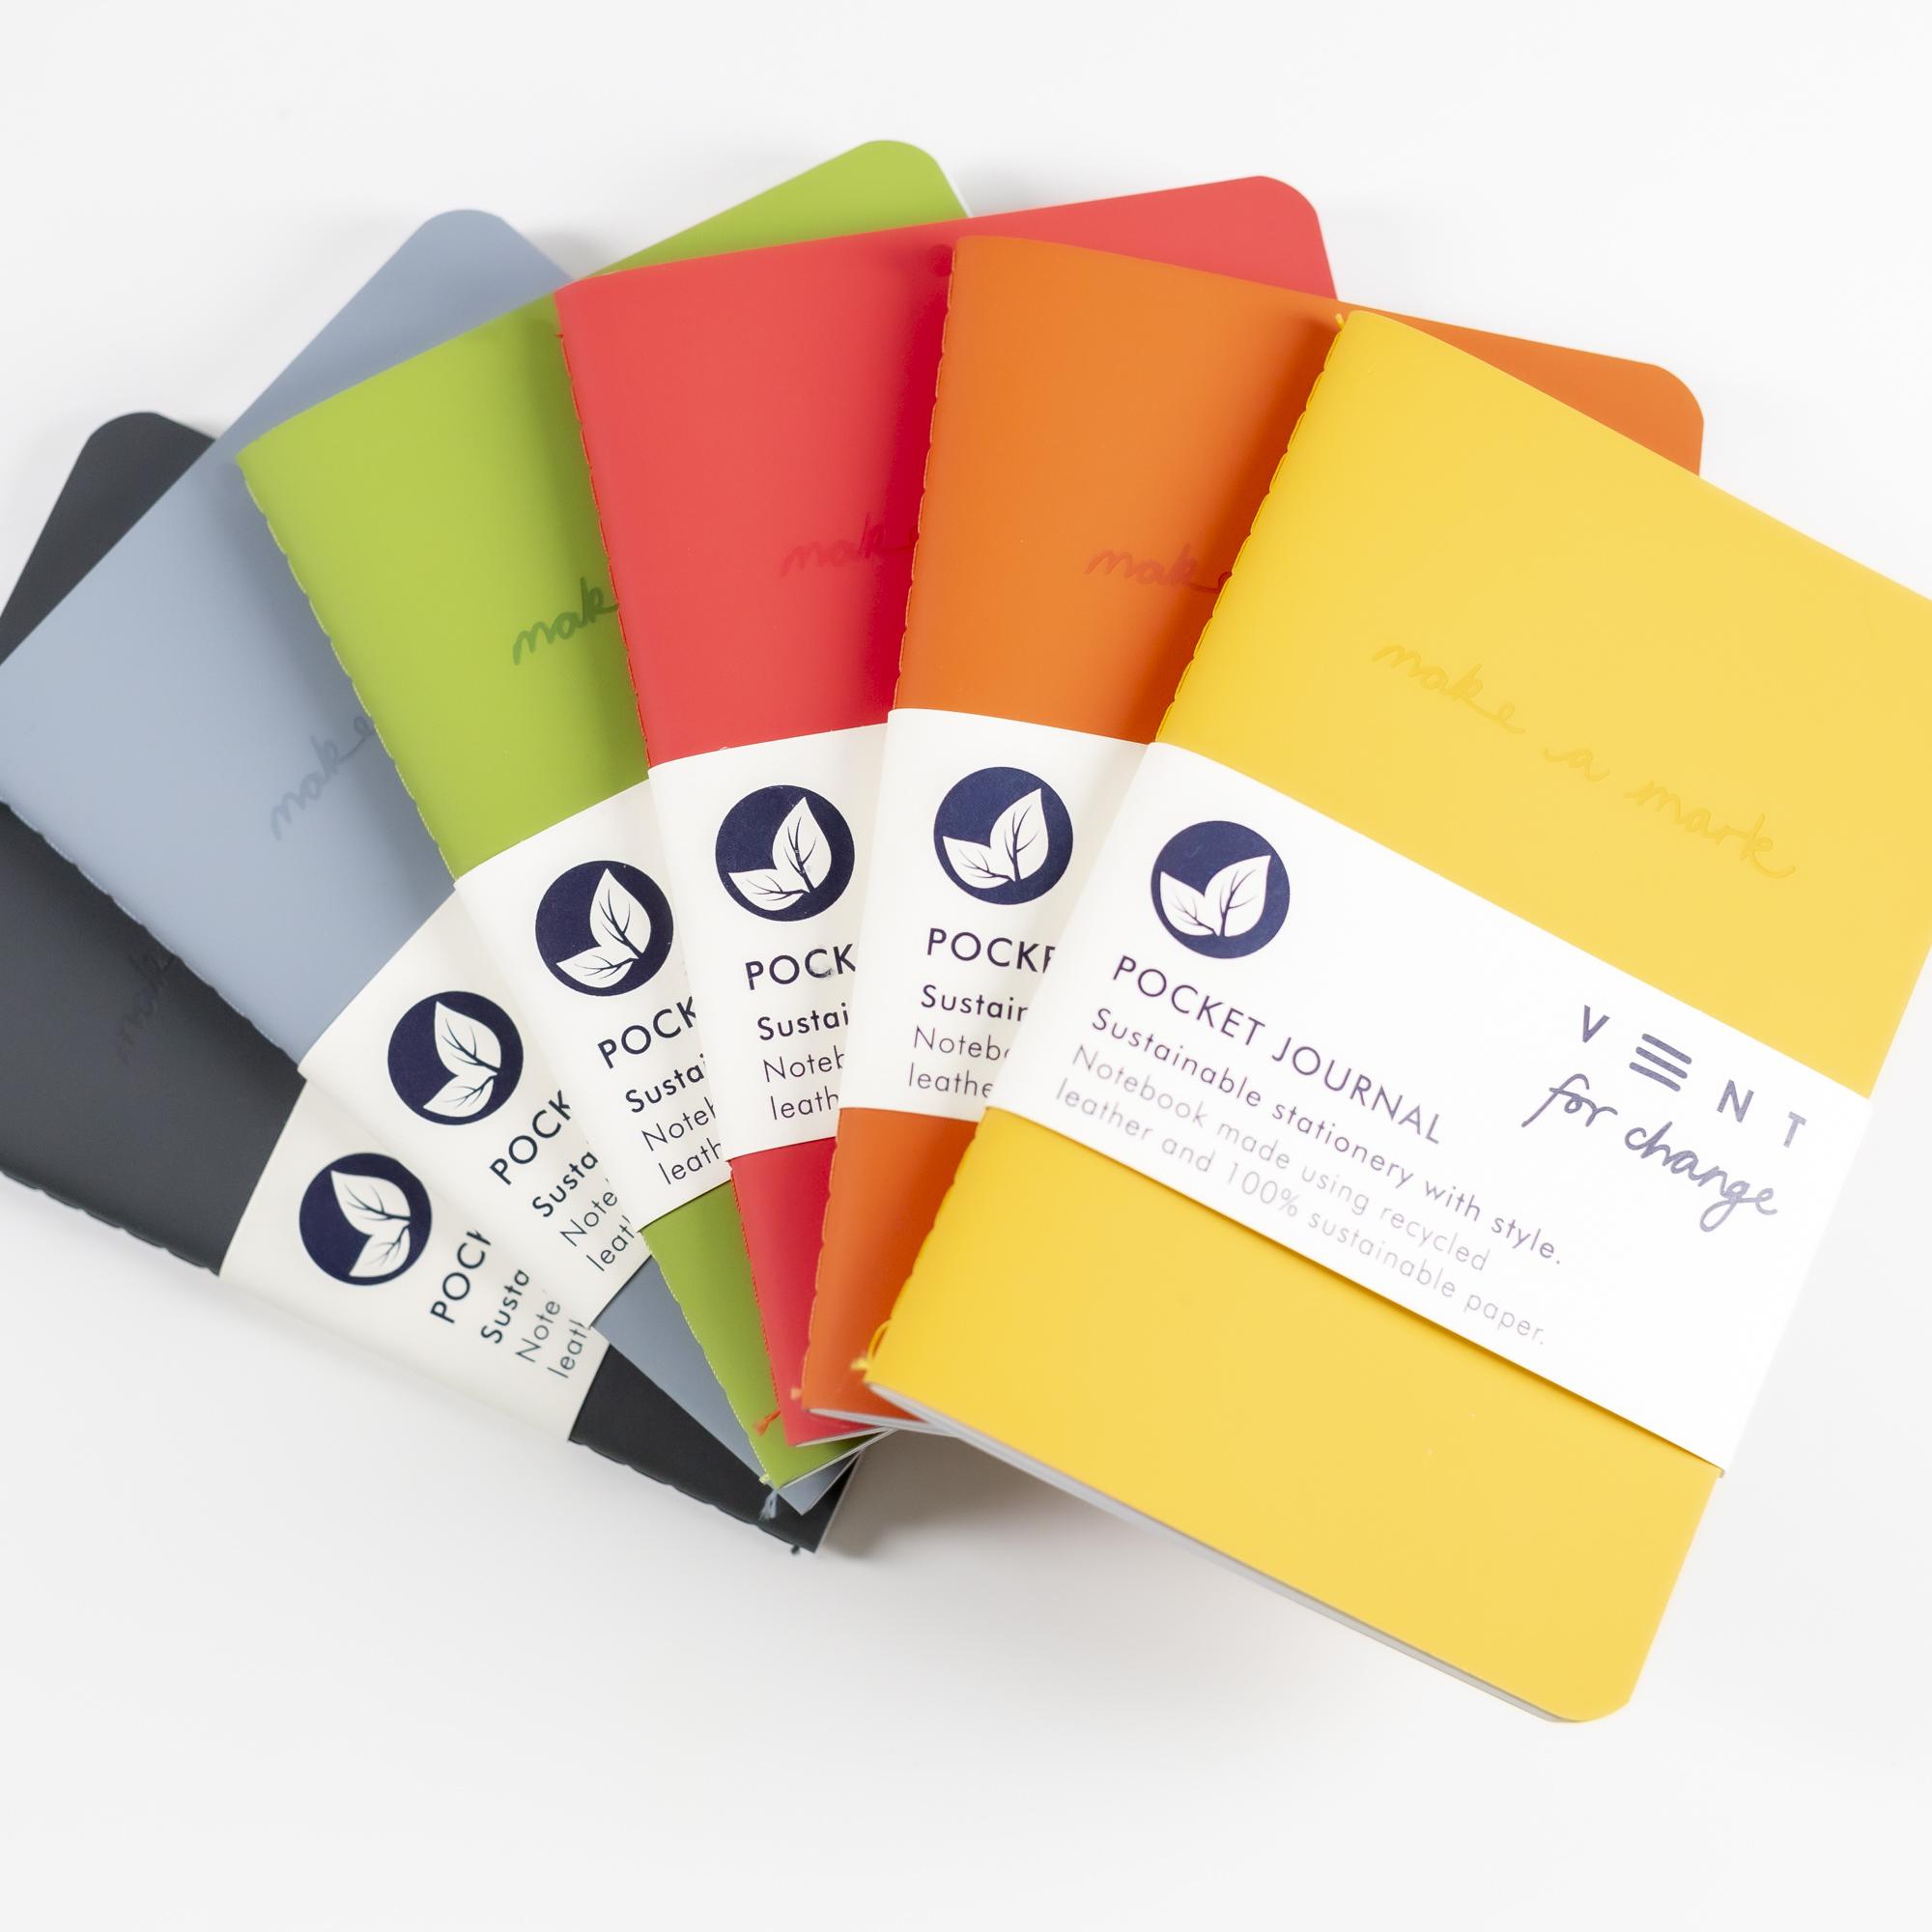 Make A Mark Pocket Journals